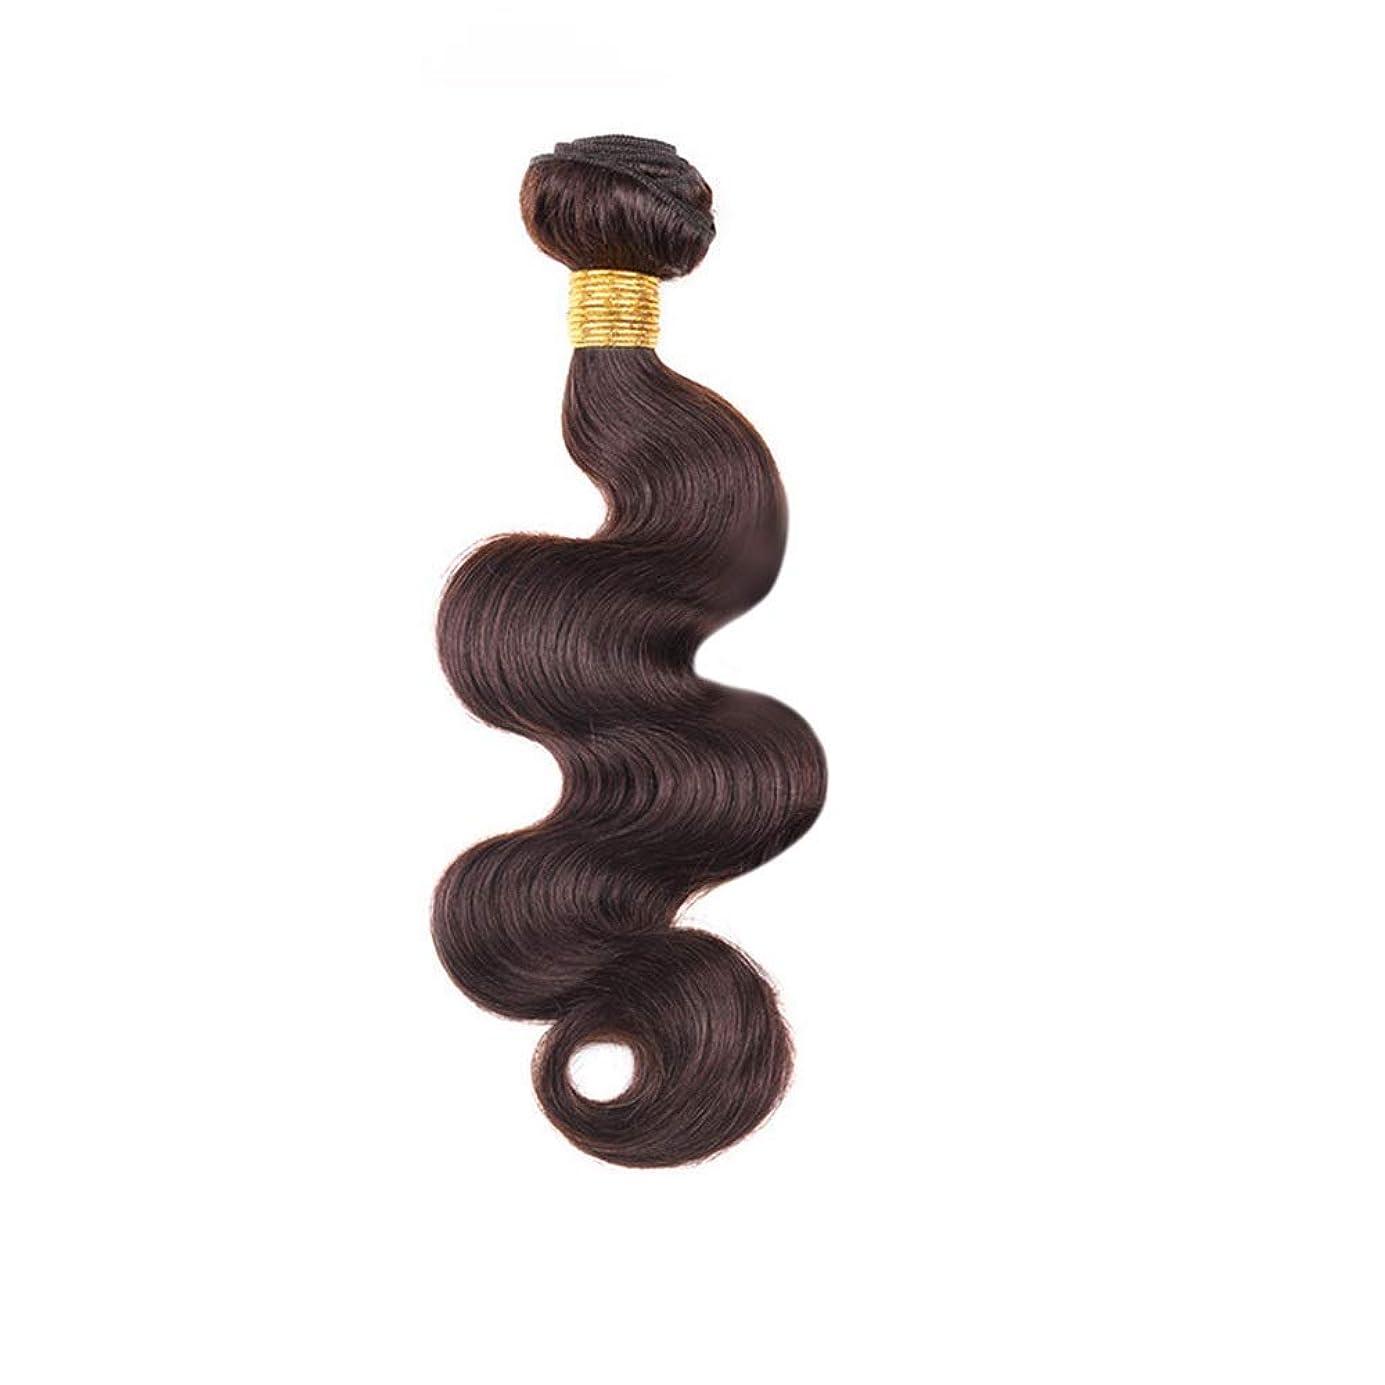 手当想定プロフィールBOBIDYEE 100%人毛織りバンドルリアルレミーナチュラルヘアエクステンション横糸 - ボディウェーブ - 2#ダークブラウン(100g / 1バンドル、10インチ-24インチ)複合毛レースかつらロールプレイングウィッグロング&ショート女性ネイチャー (色 : Dark brown, サイズ : 16 inch)